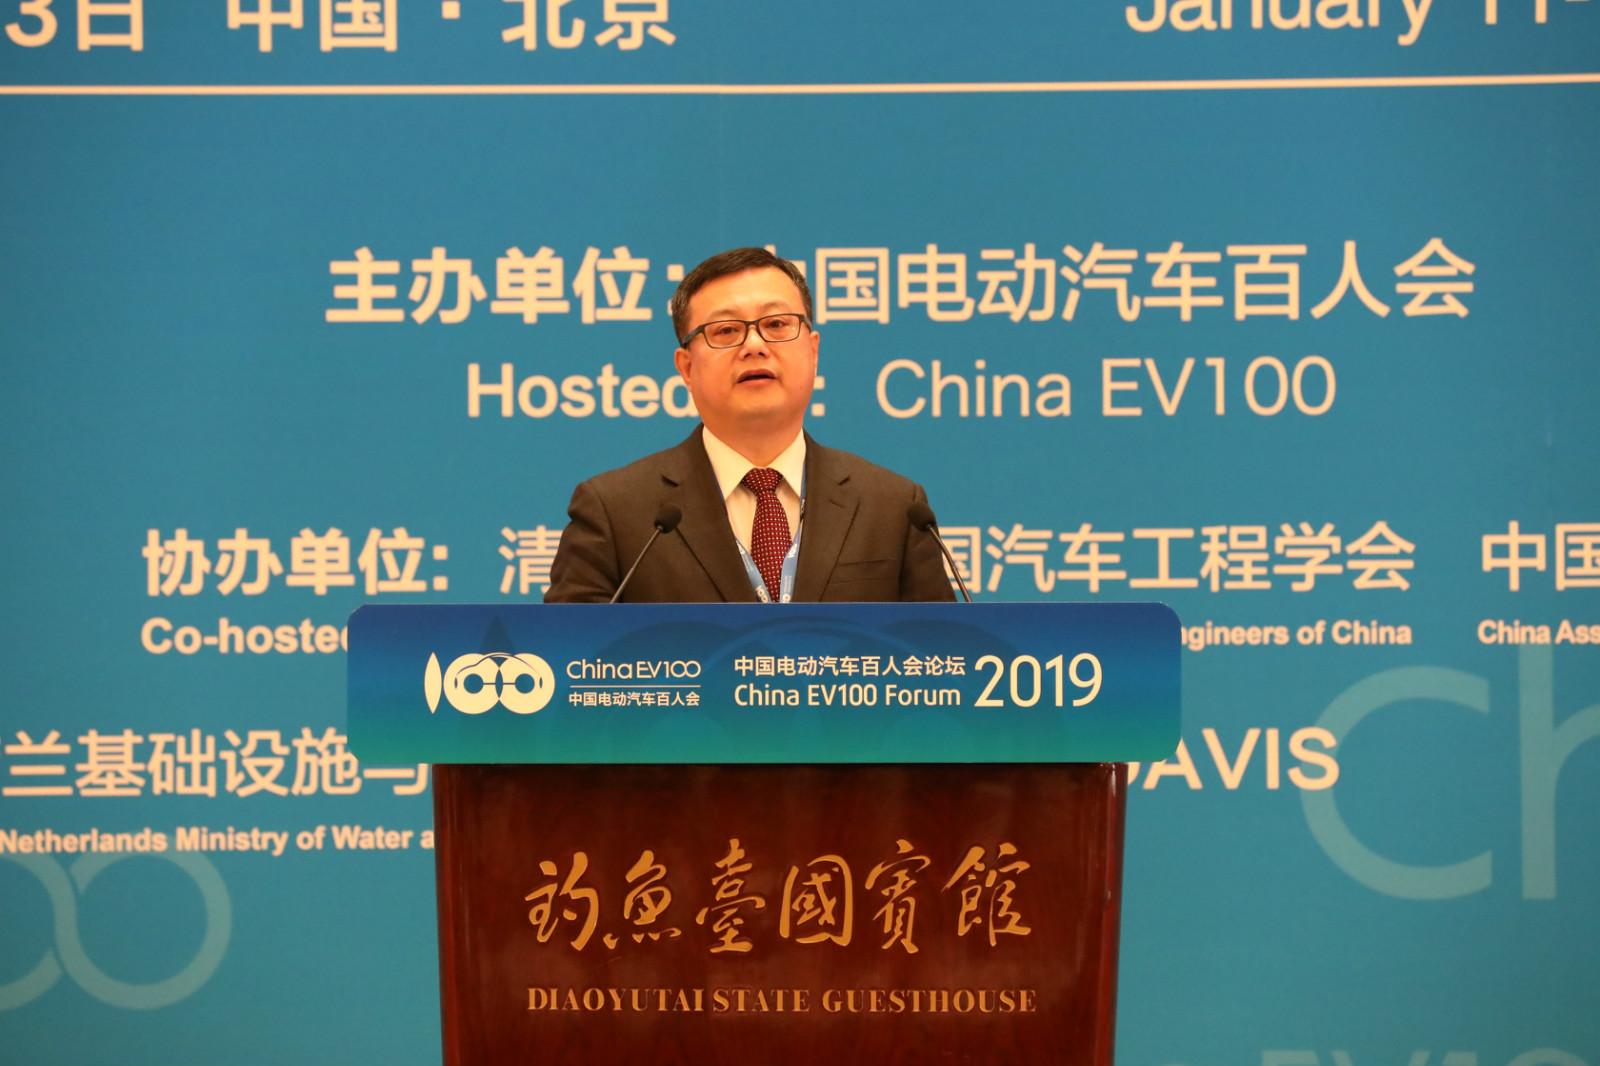 张海亮:三元锂电将出现瓶颈 固态电池才是未来